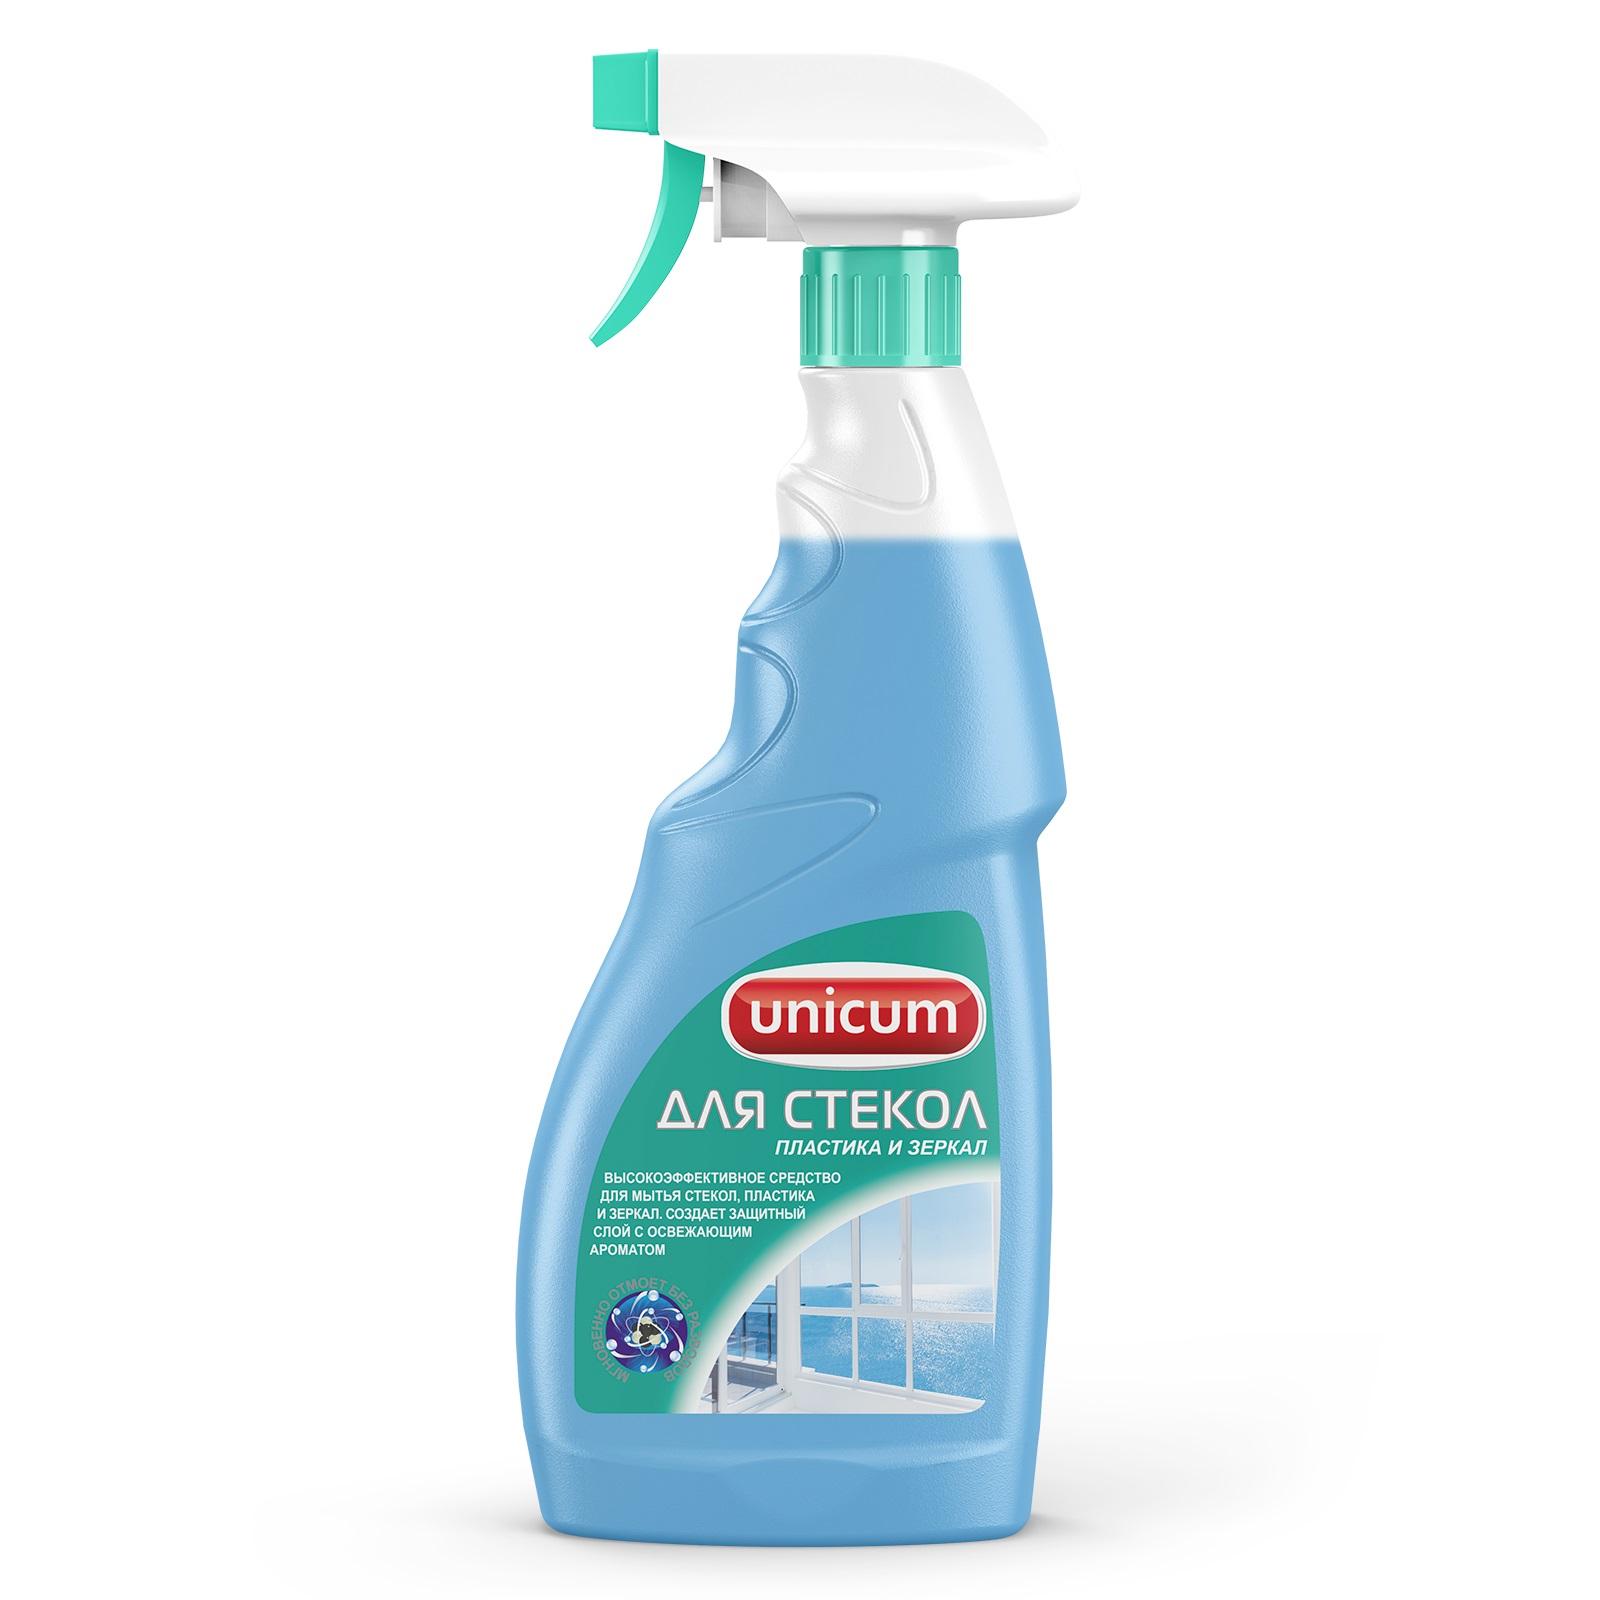 Купить Чистящее средство Unicum для мытья стекол, пластика и зеркал 500 мл, чистящее средство, Россия